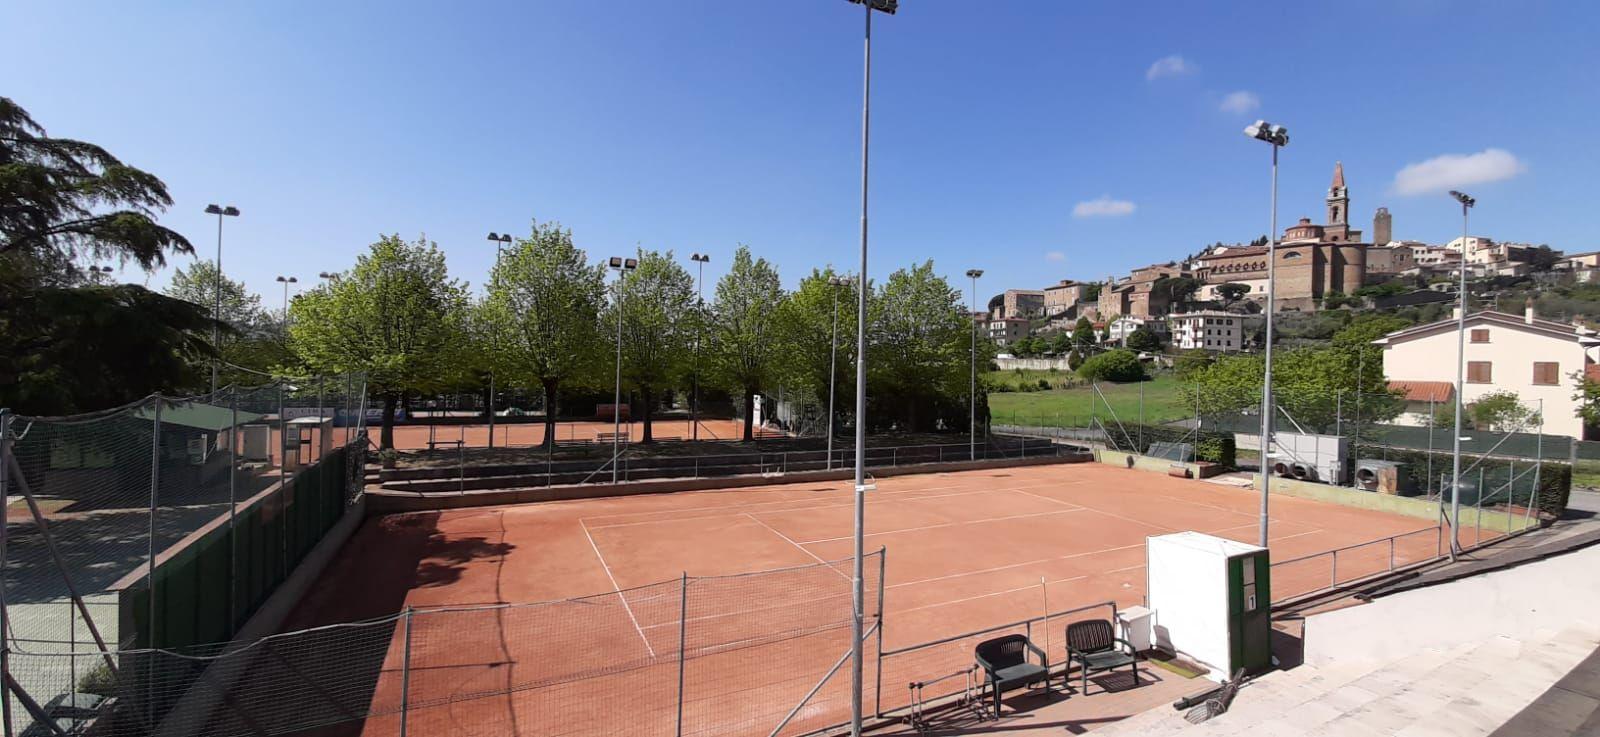 La protesta dei circoli: Il Tennis Club Castiglionese è pronto per ripartire dal 4 maggio, il Governo NO !